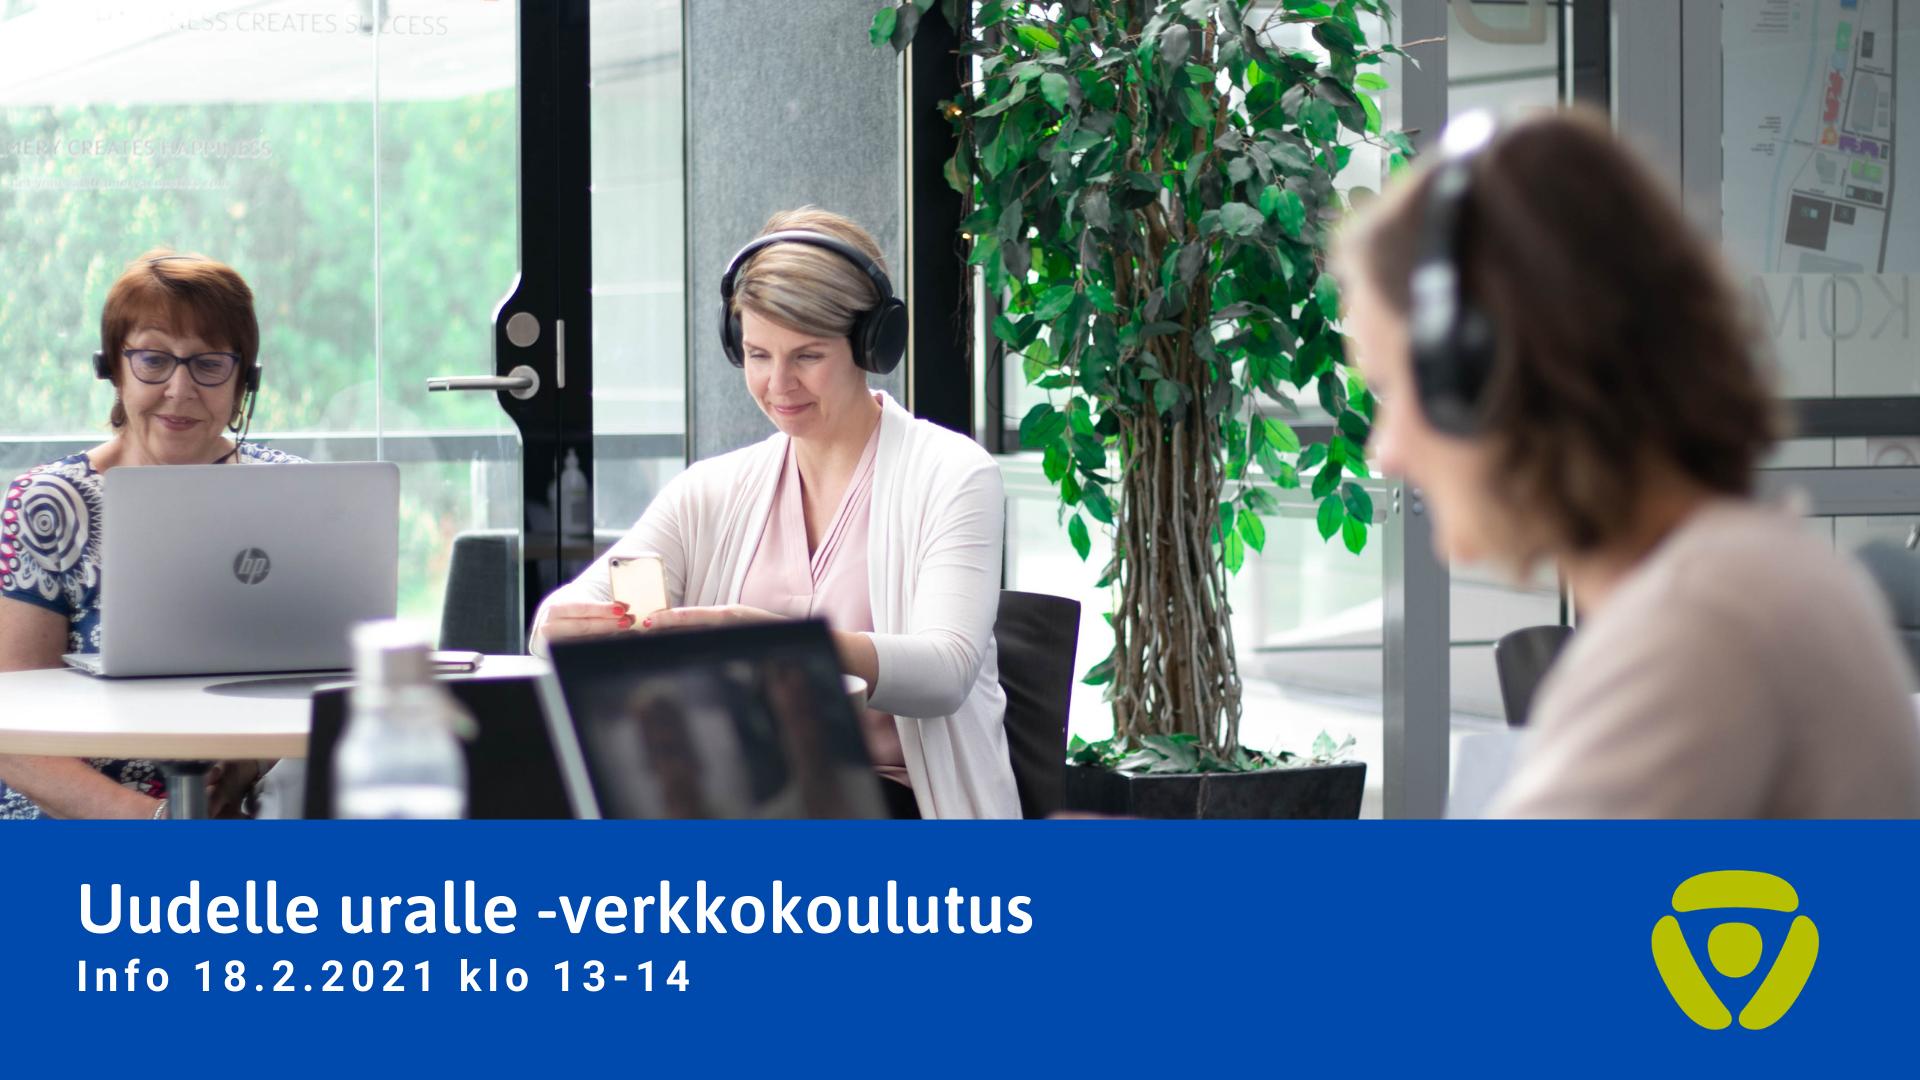 Uudelle uralle -info verkossa Etelä-Pohjanmaalla.